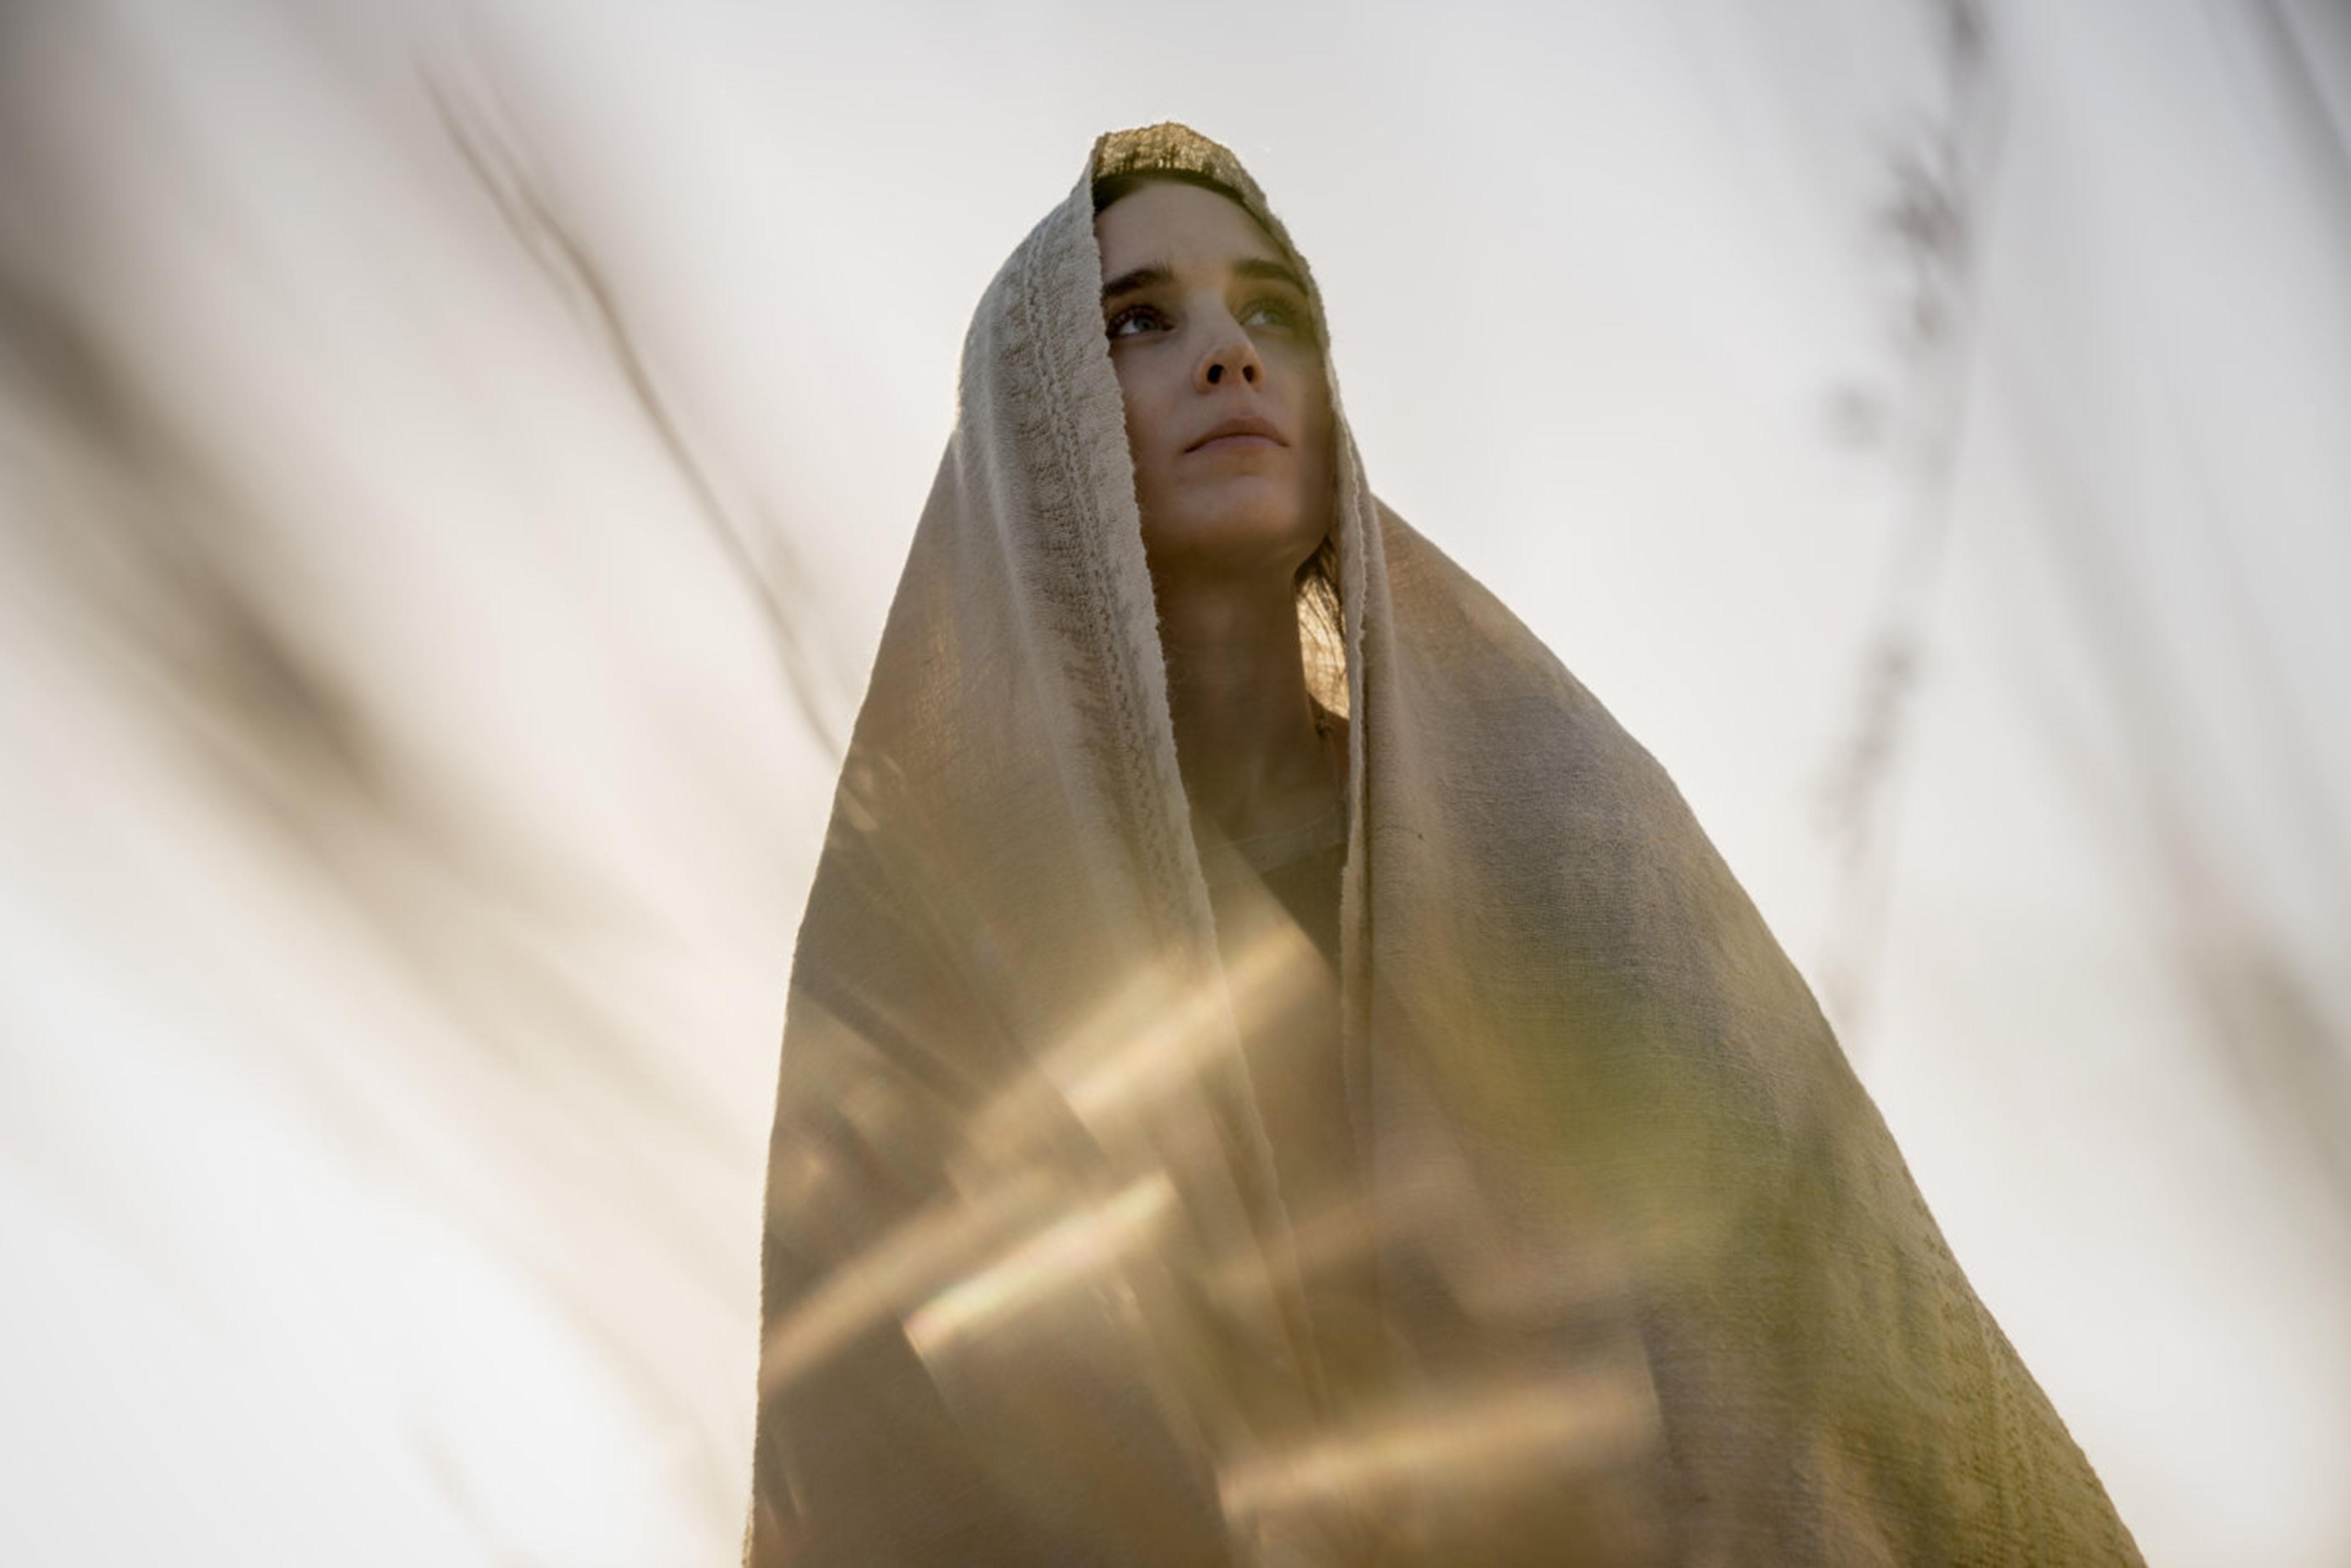 Rooney Mara in Mary Magdalene (2018)